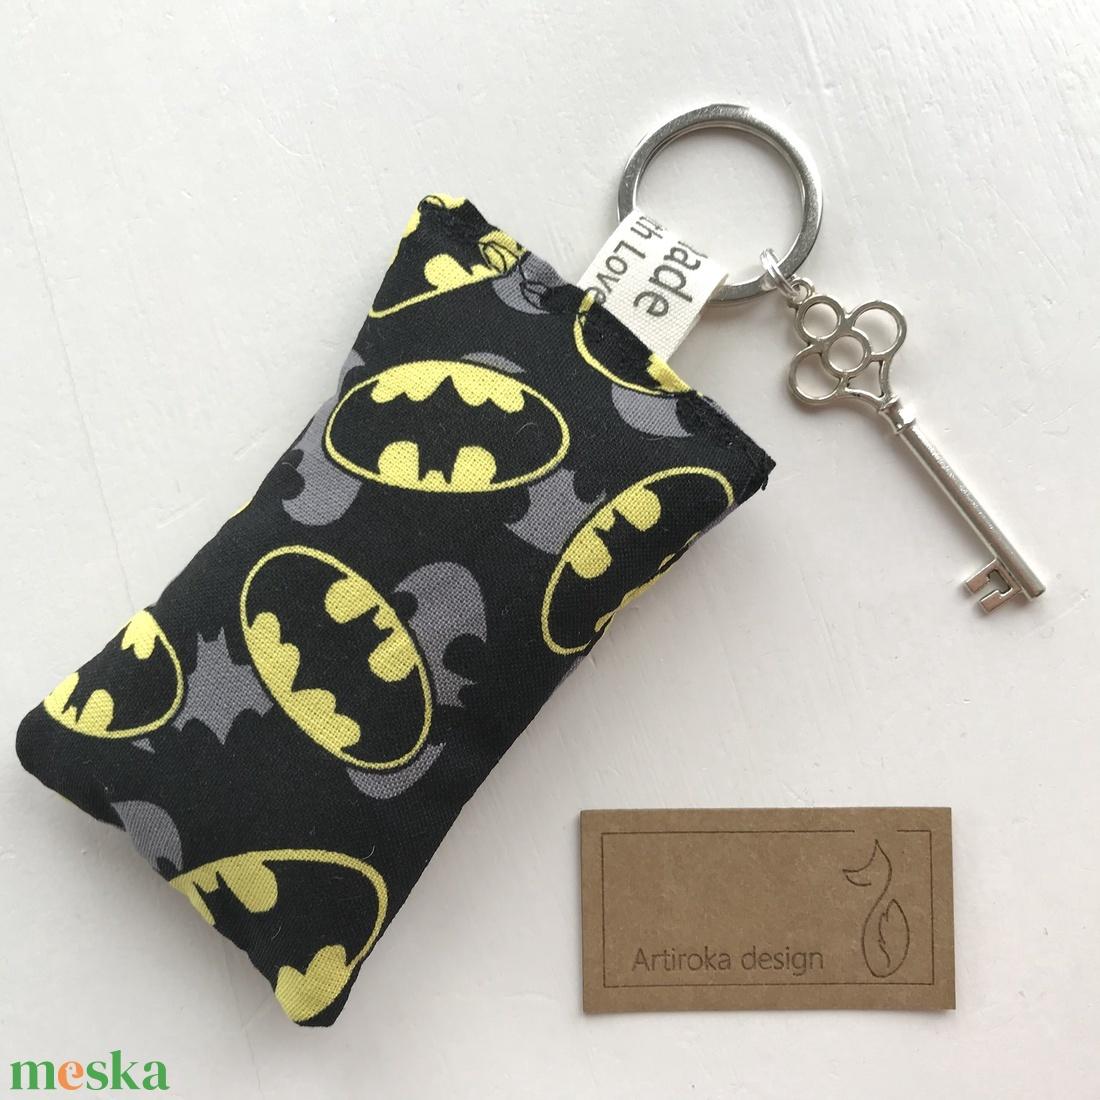 Batman mintás prémium pamut kulcstartó - gyereknap - Artiroka design - táska & tok - kulcstartó & táskadísz - kulcstartó - Meska.hu